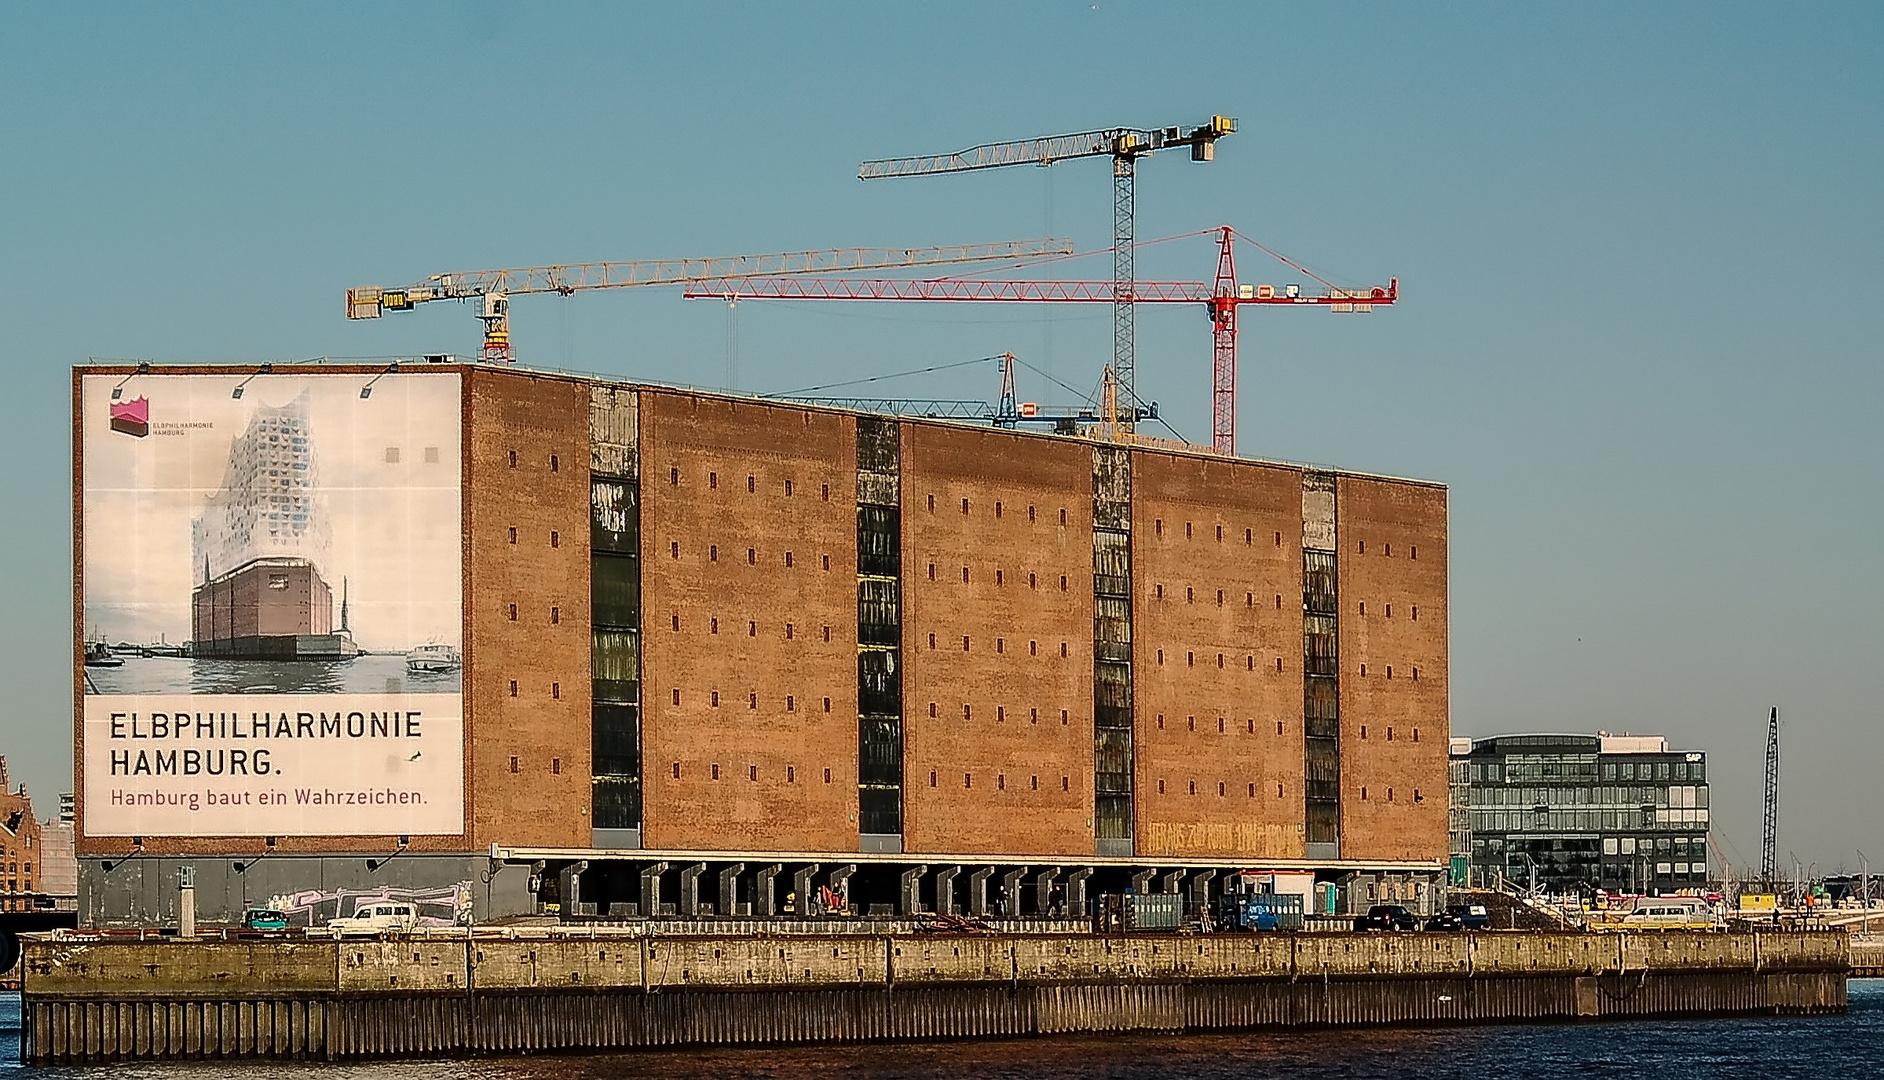 Hamburg baut ein Wahrzeichen